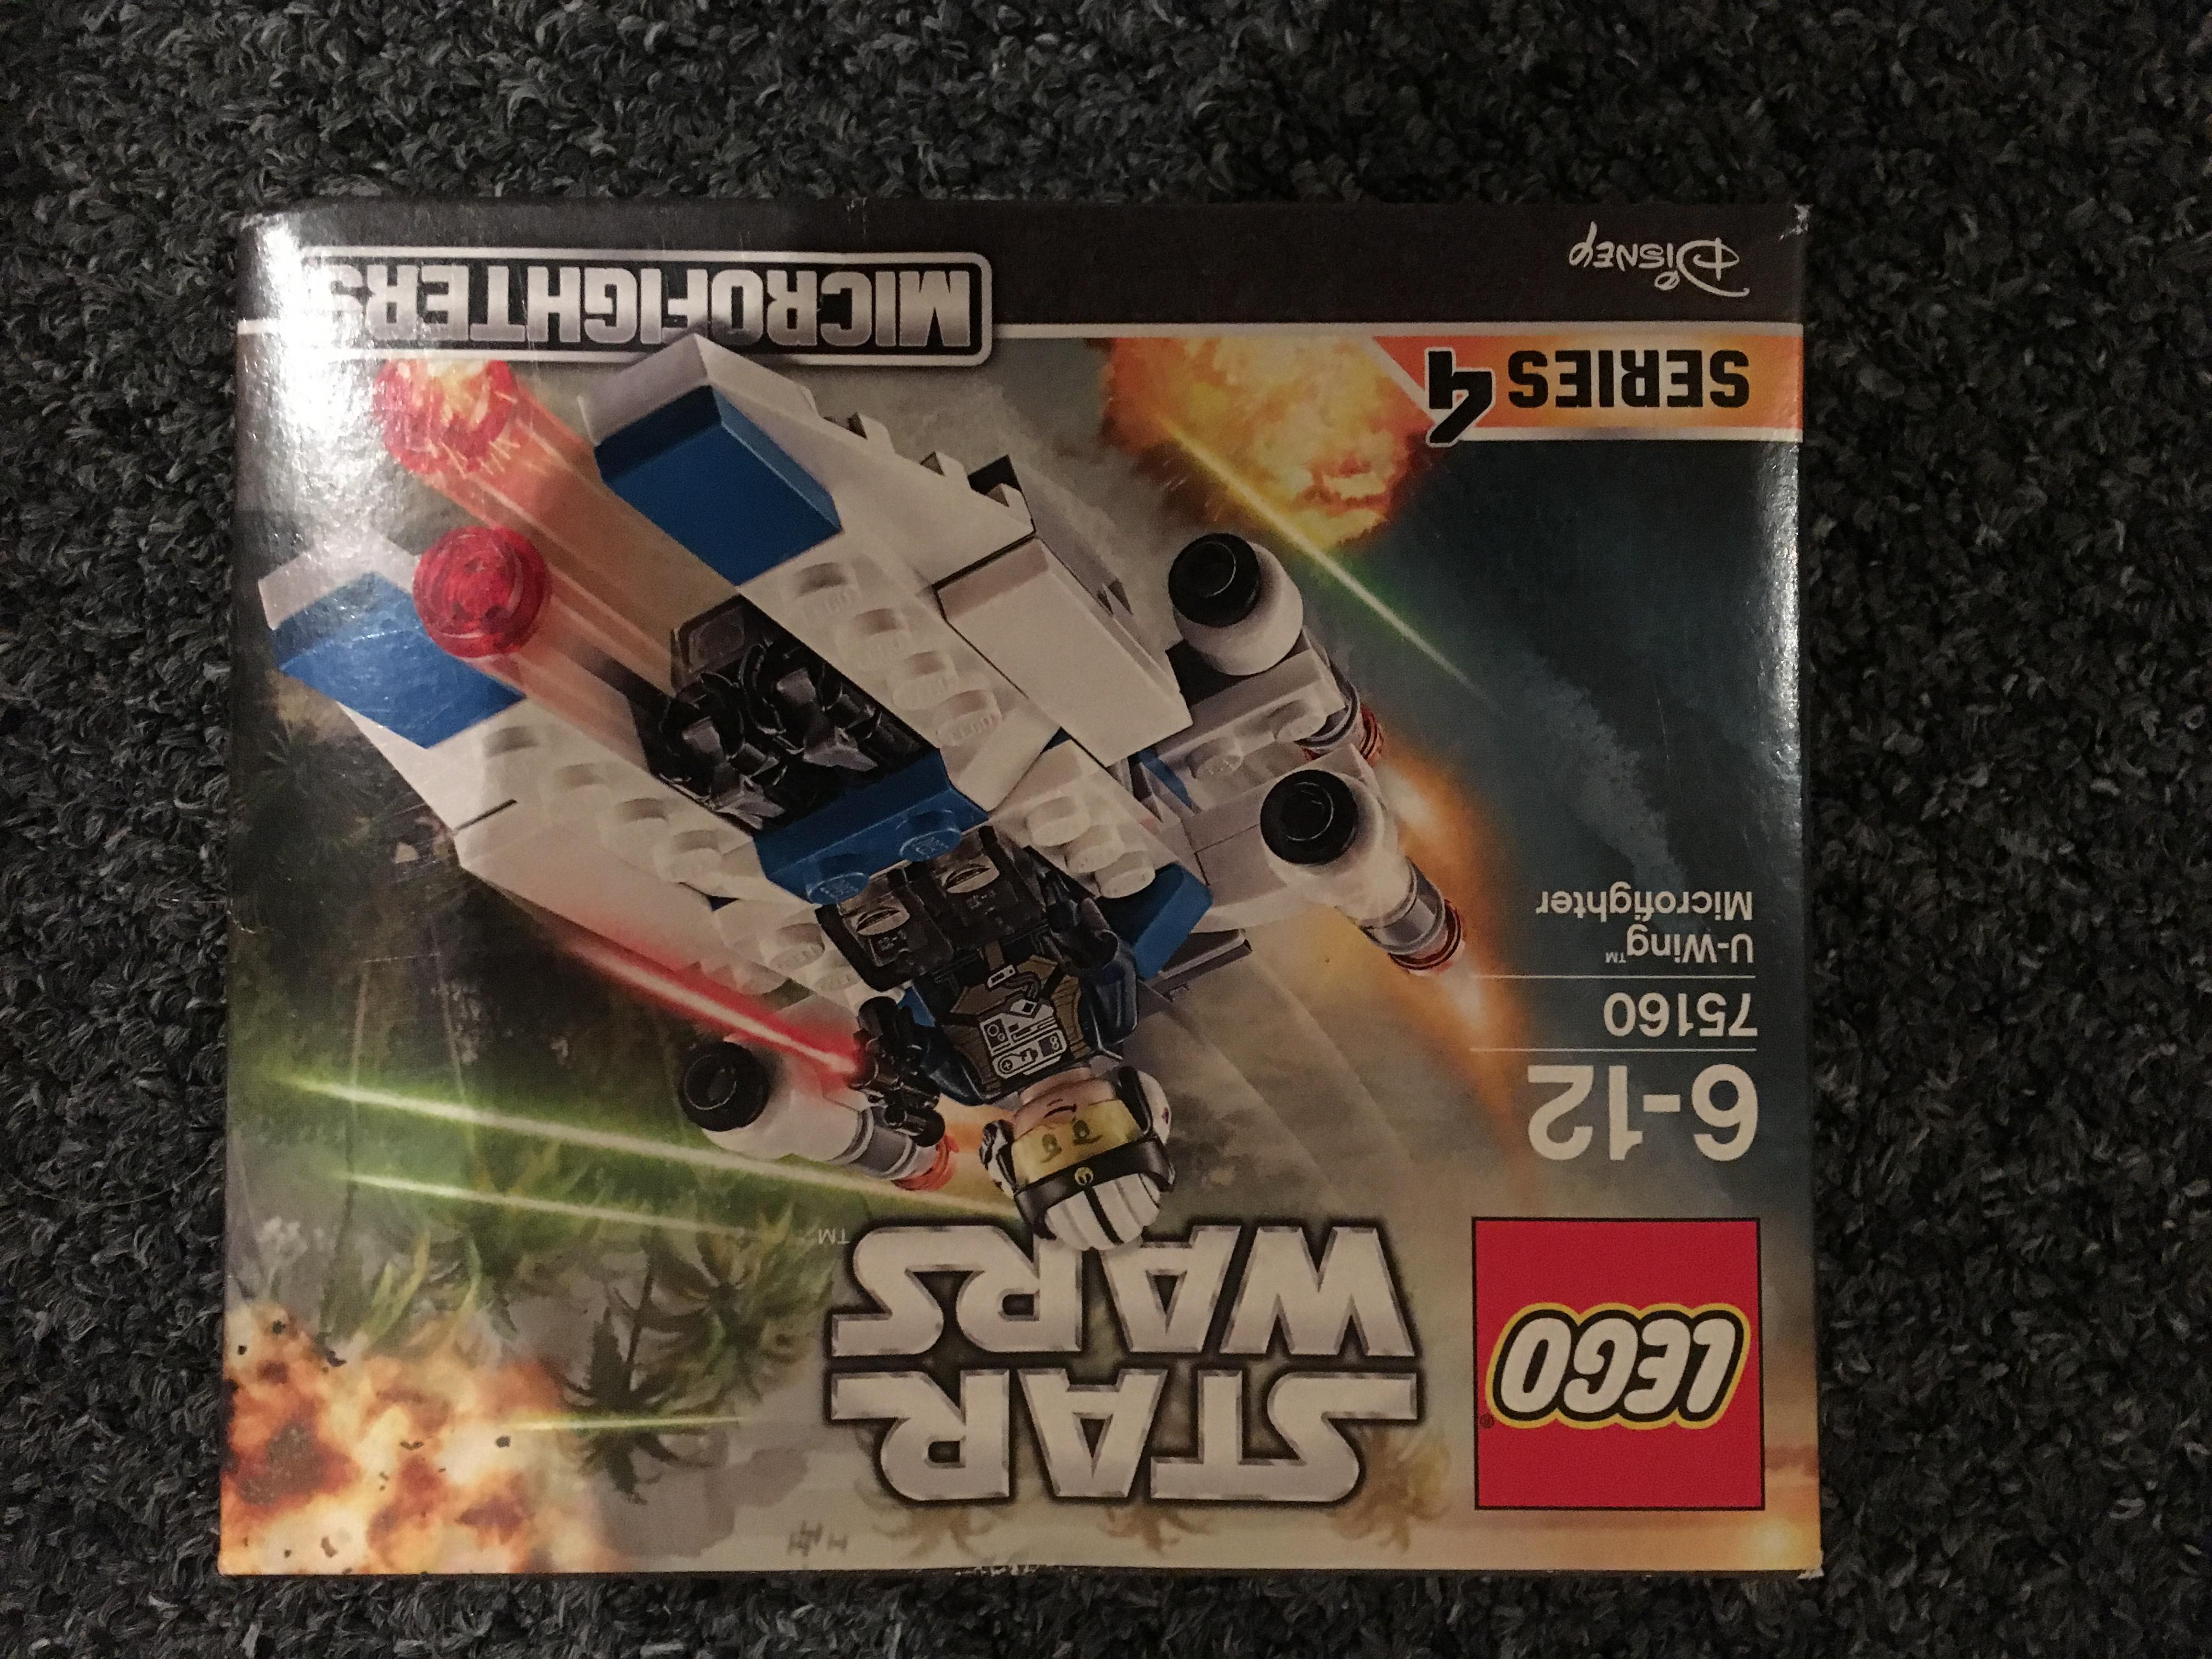 Lego Star Wars 75160 - £1 instore @ ASDA (Small Heath)